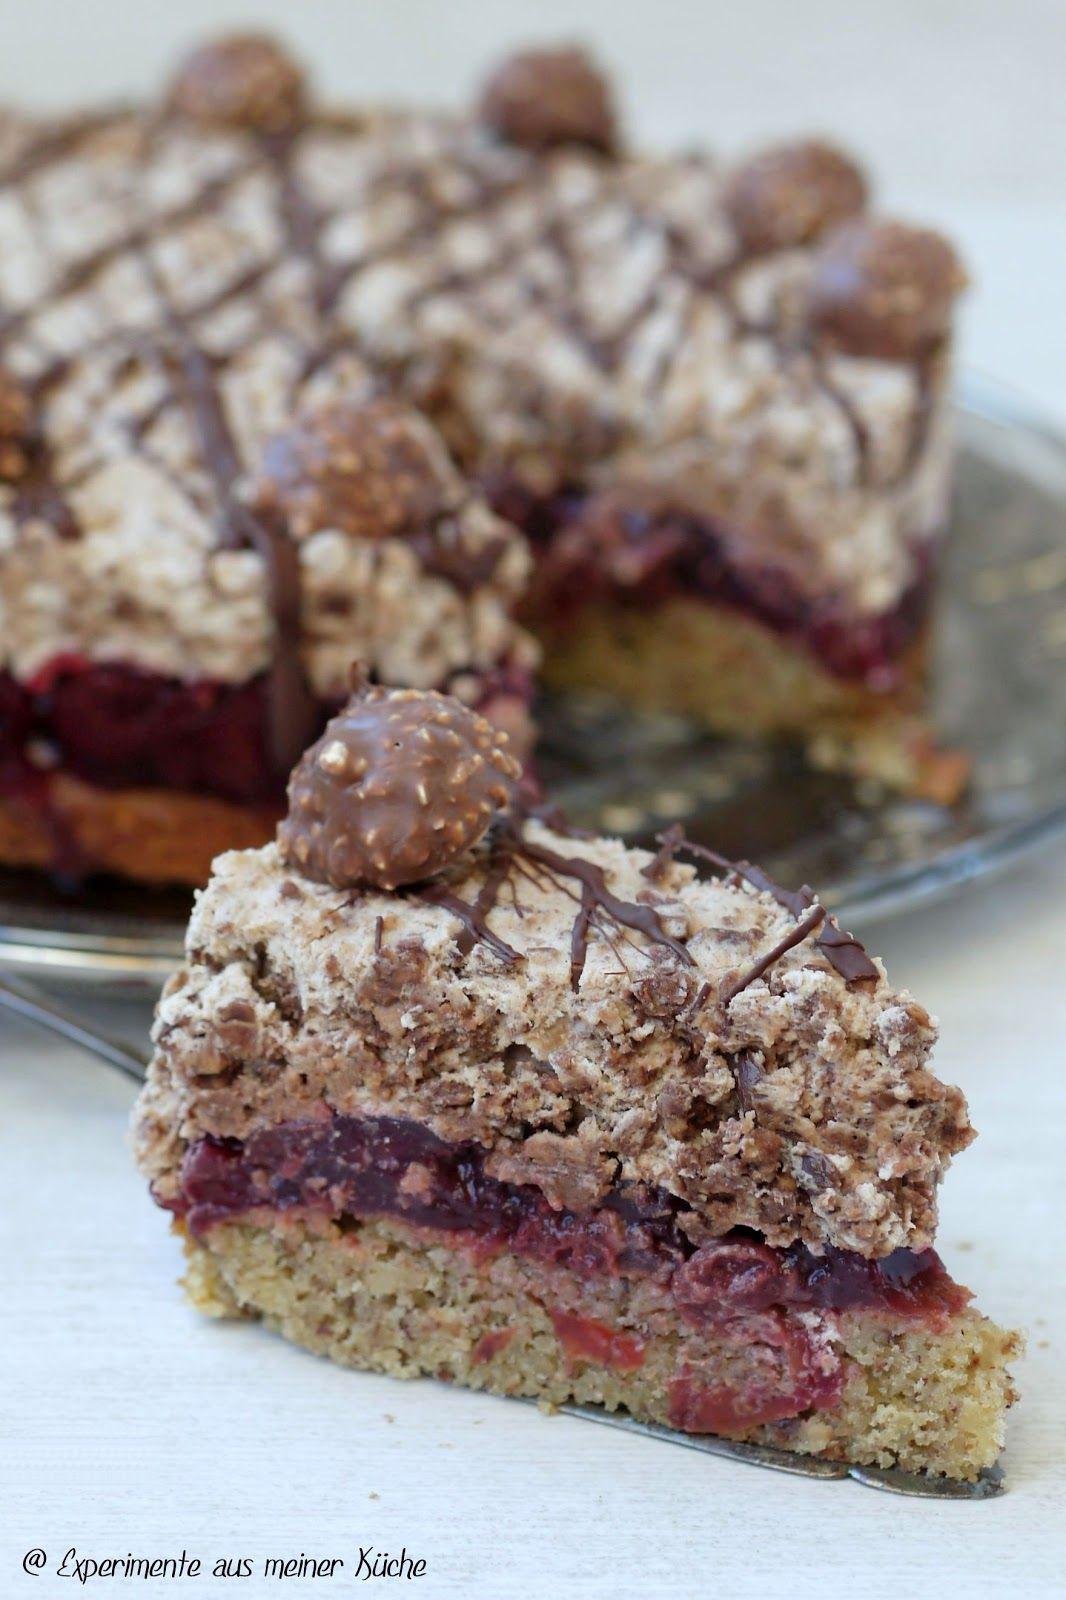 rocher kirsch torte rezepte pinterest kuchen backen und kirschen. Black Bedroom Furniture Sets. Home Design Ideas